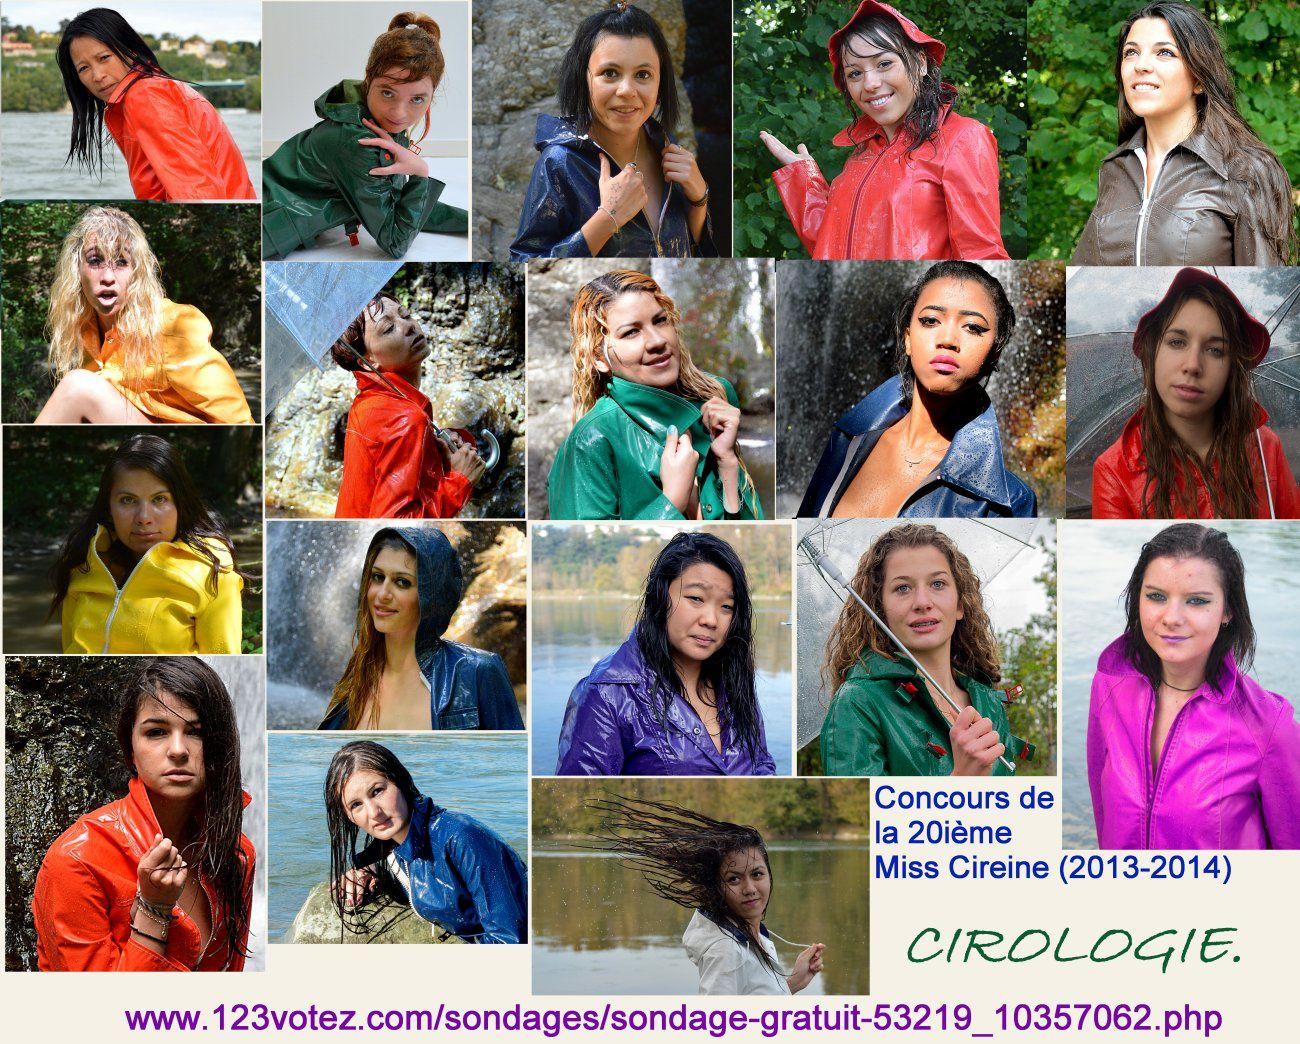 Concours de la 20ième Miss Cireine